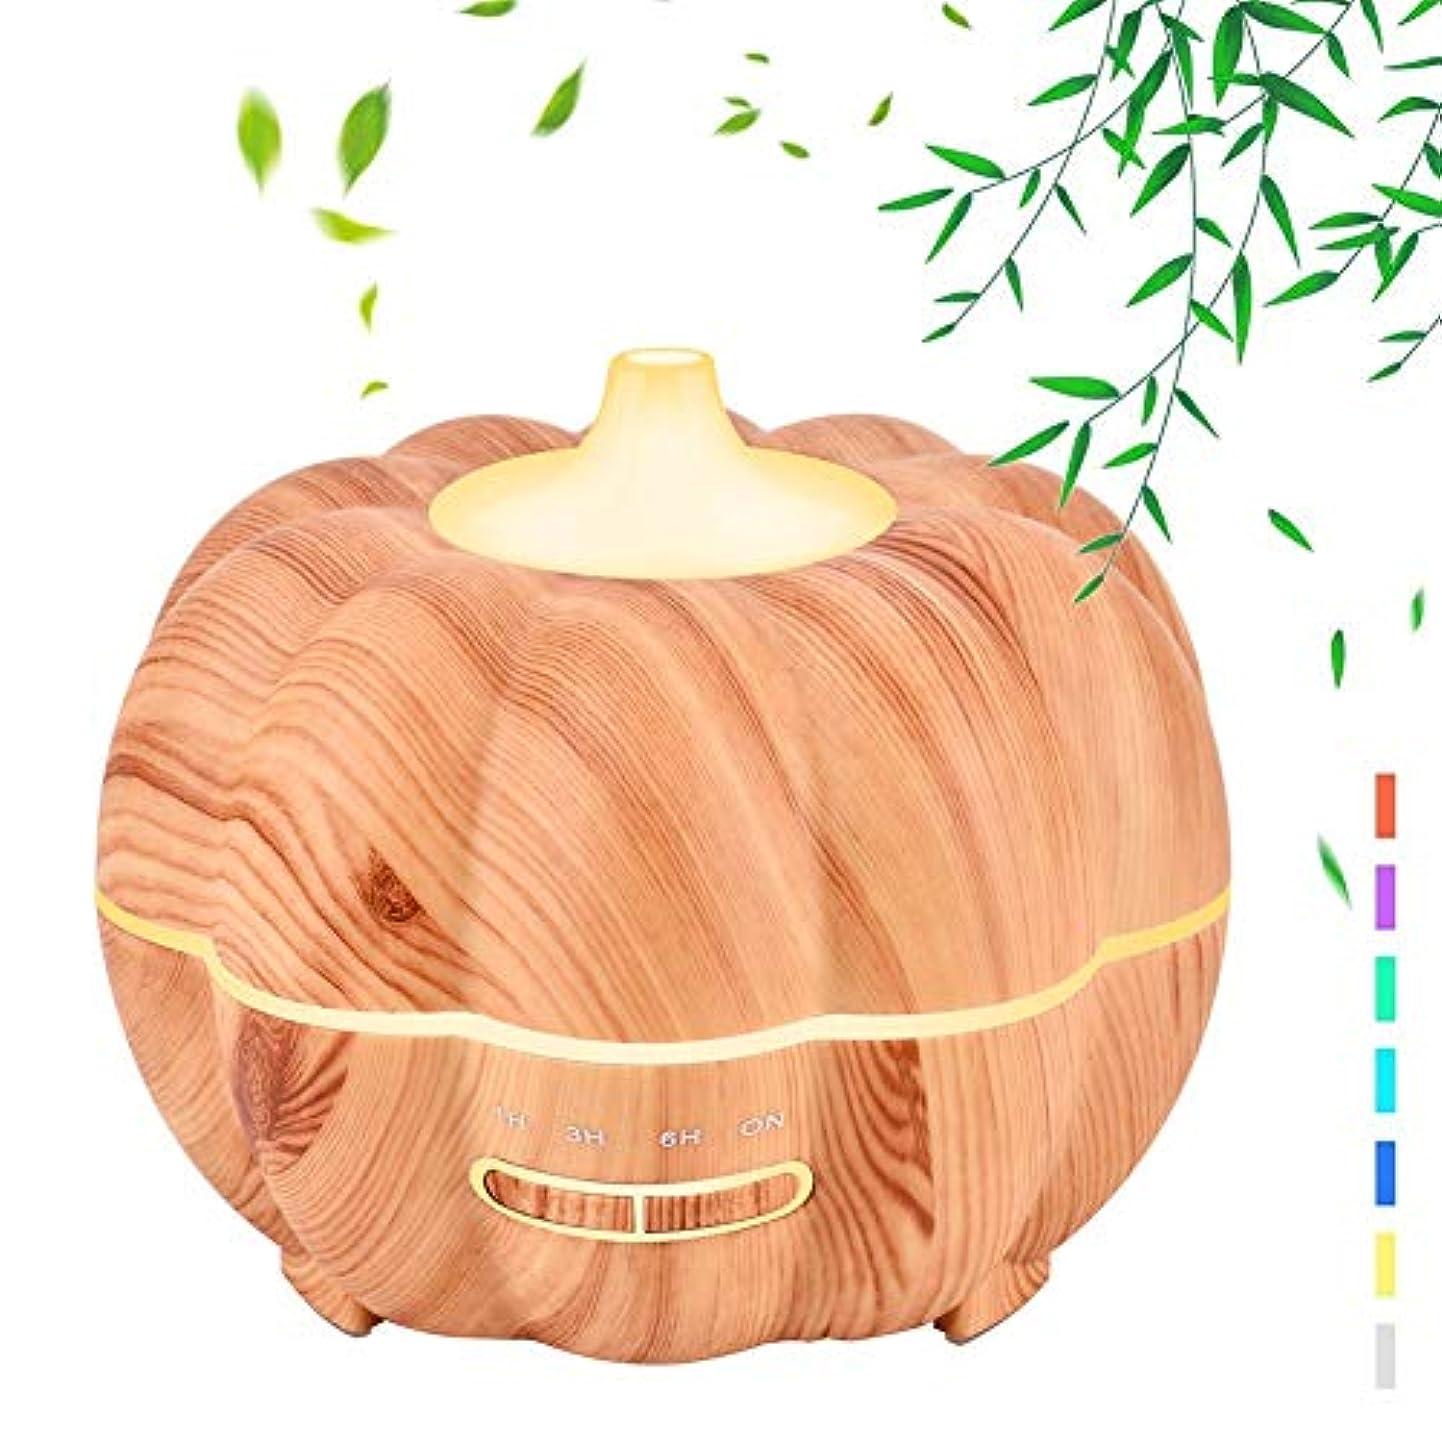 メールページチューブ300ミリリットル木材穀物エッセンシャルオイルディフューザー、加湿器超音波アロマセラピーアロマセラピーディフューザー加湿器、静かな操作、7色フレグランスランプ、ホームオフィス用ヨガスパ,Lightwoodgrain